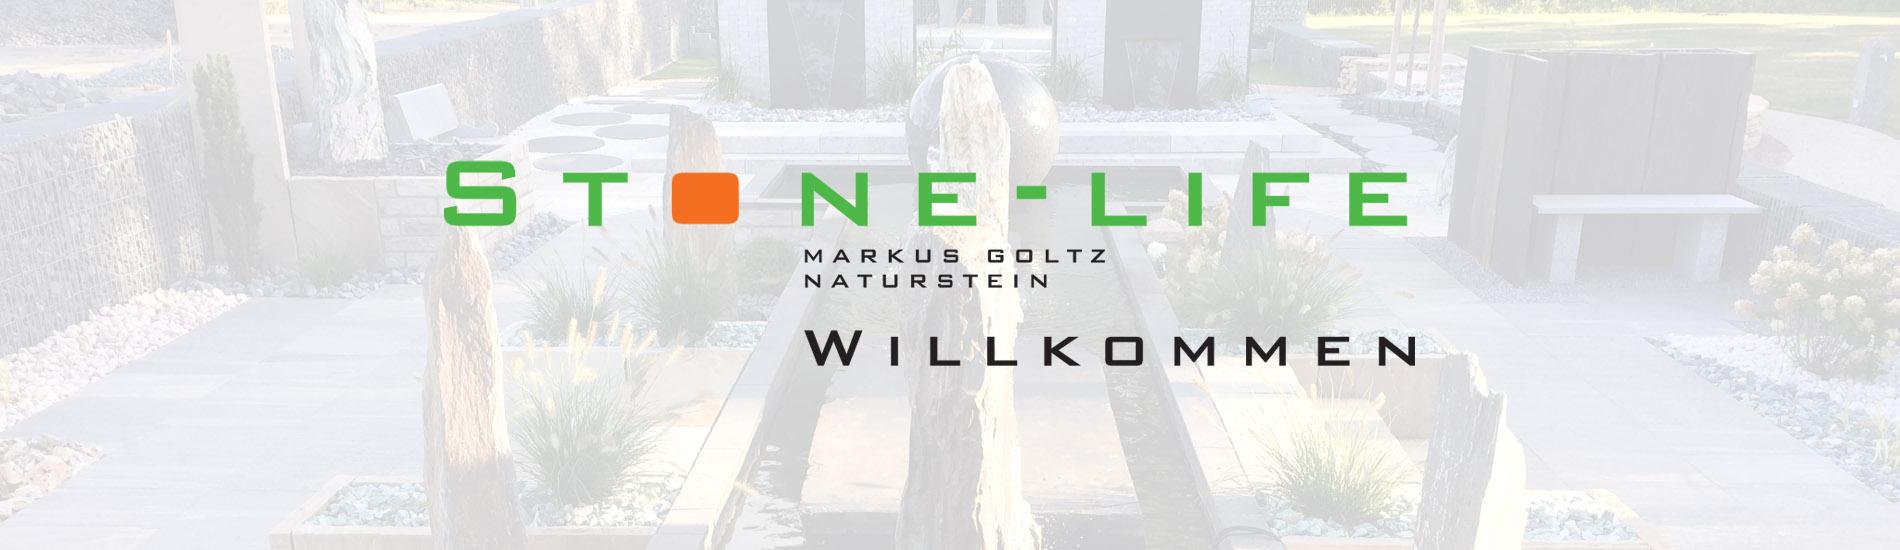 Willkommen bei Stone-Life arkus Goltz Naturstein